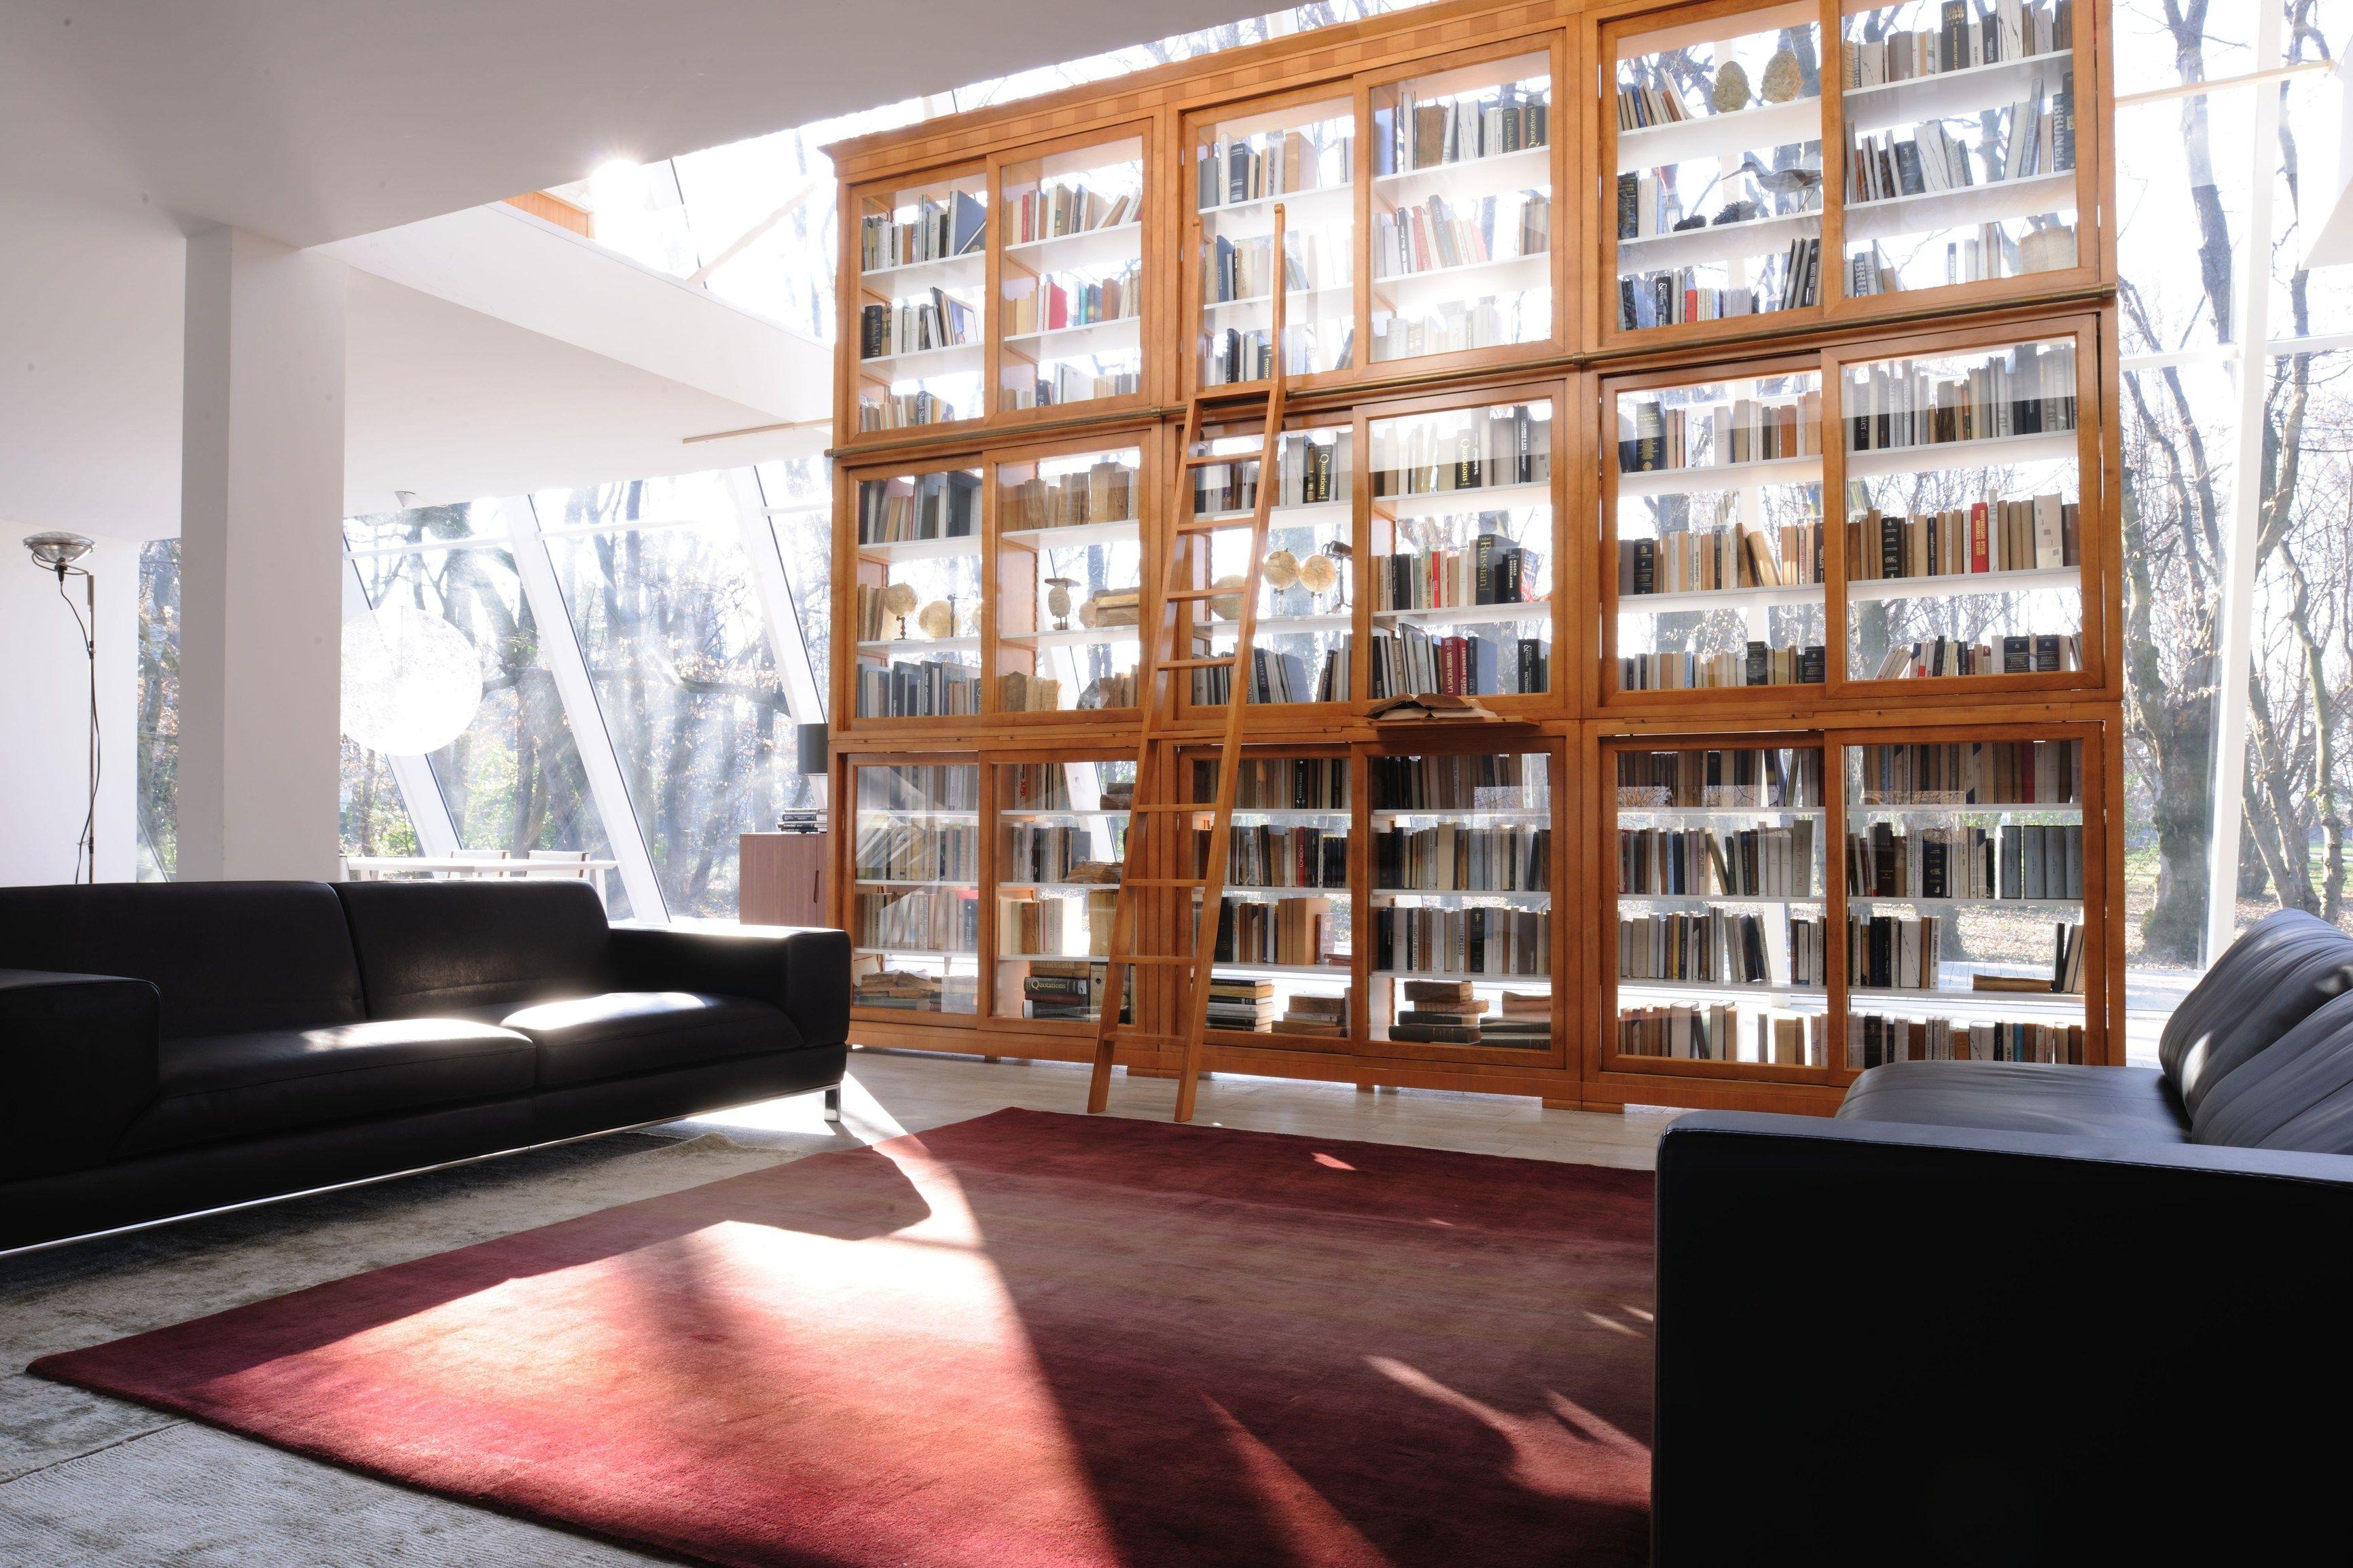 Modulo biedermeier libreria by morelato design centro ricerche maam - Mobili biedermeier ...